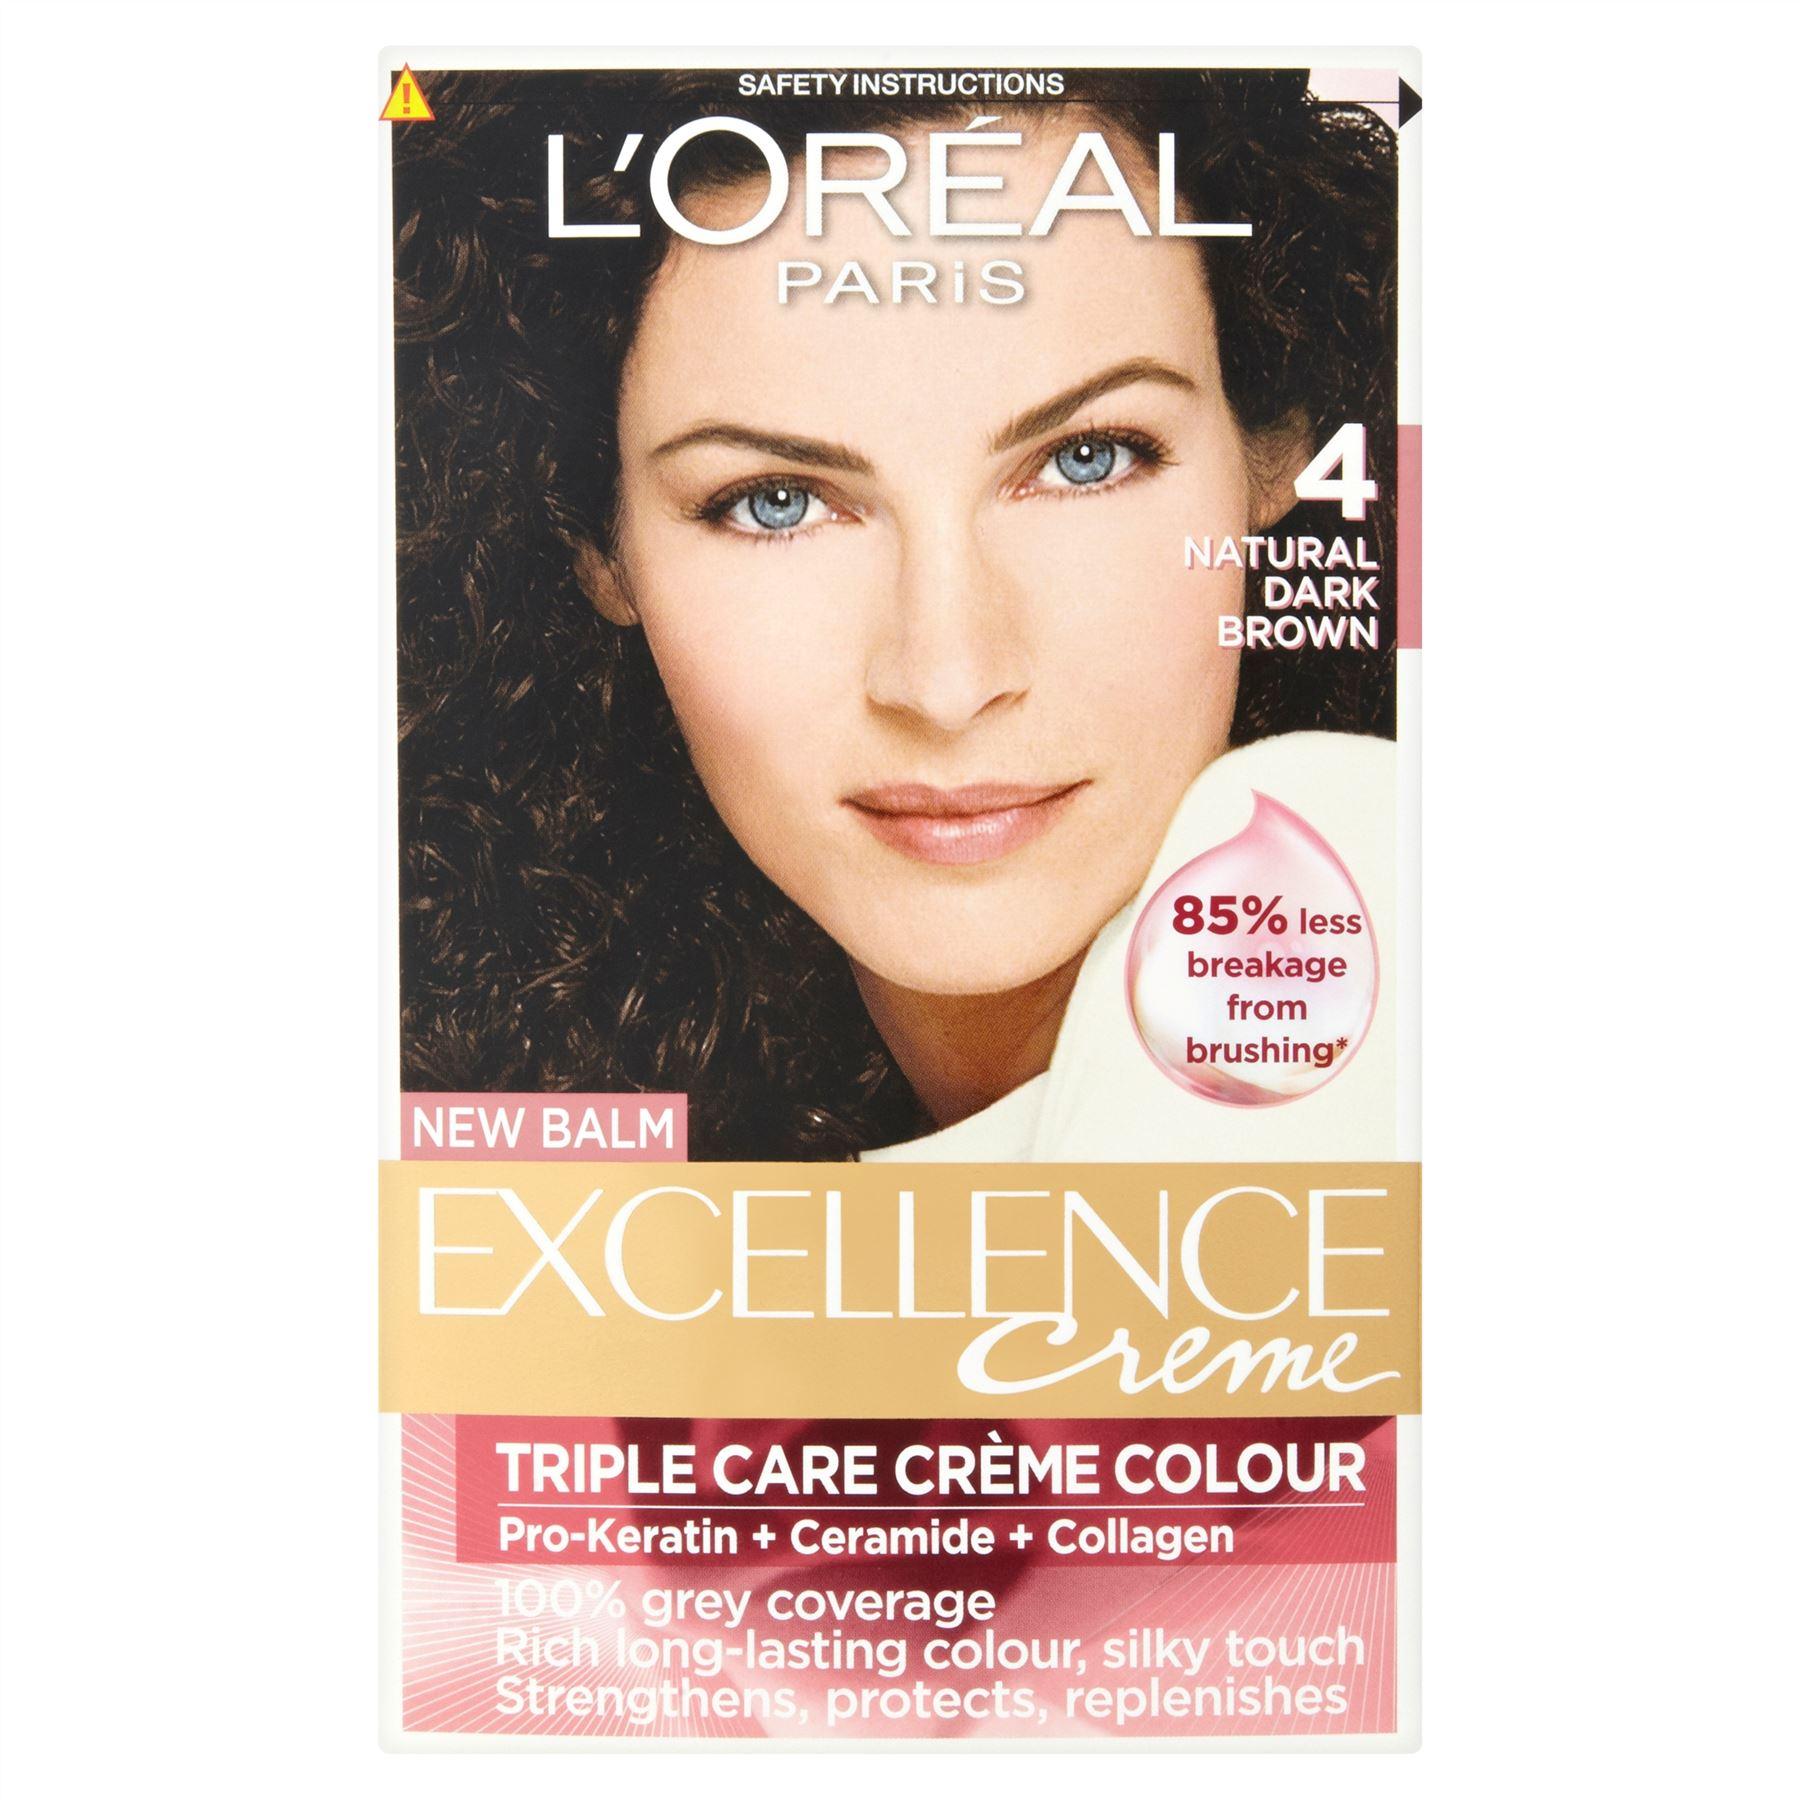 3 x L'Oreal Paris Excellence Creme Triple Care Creme Colour 4 ...